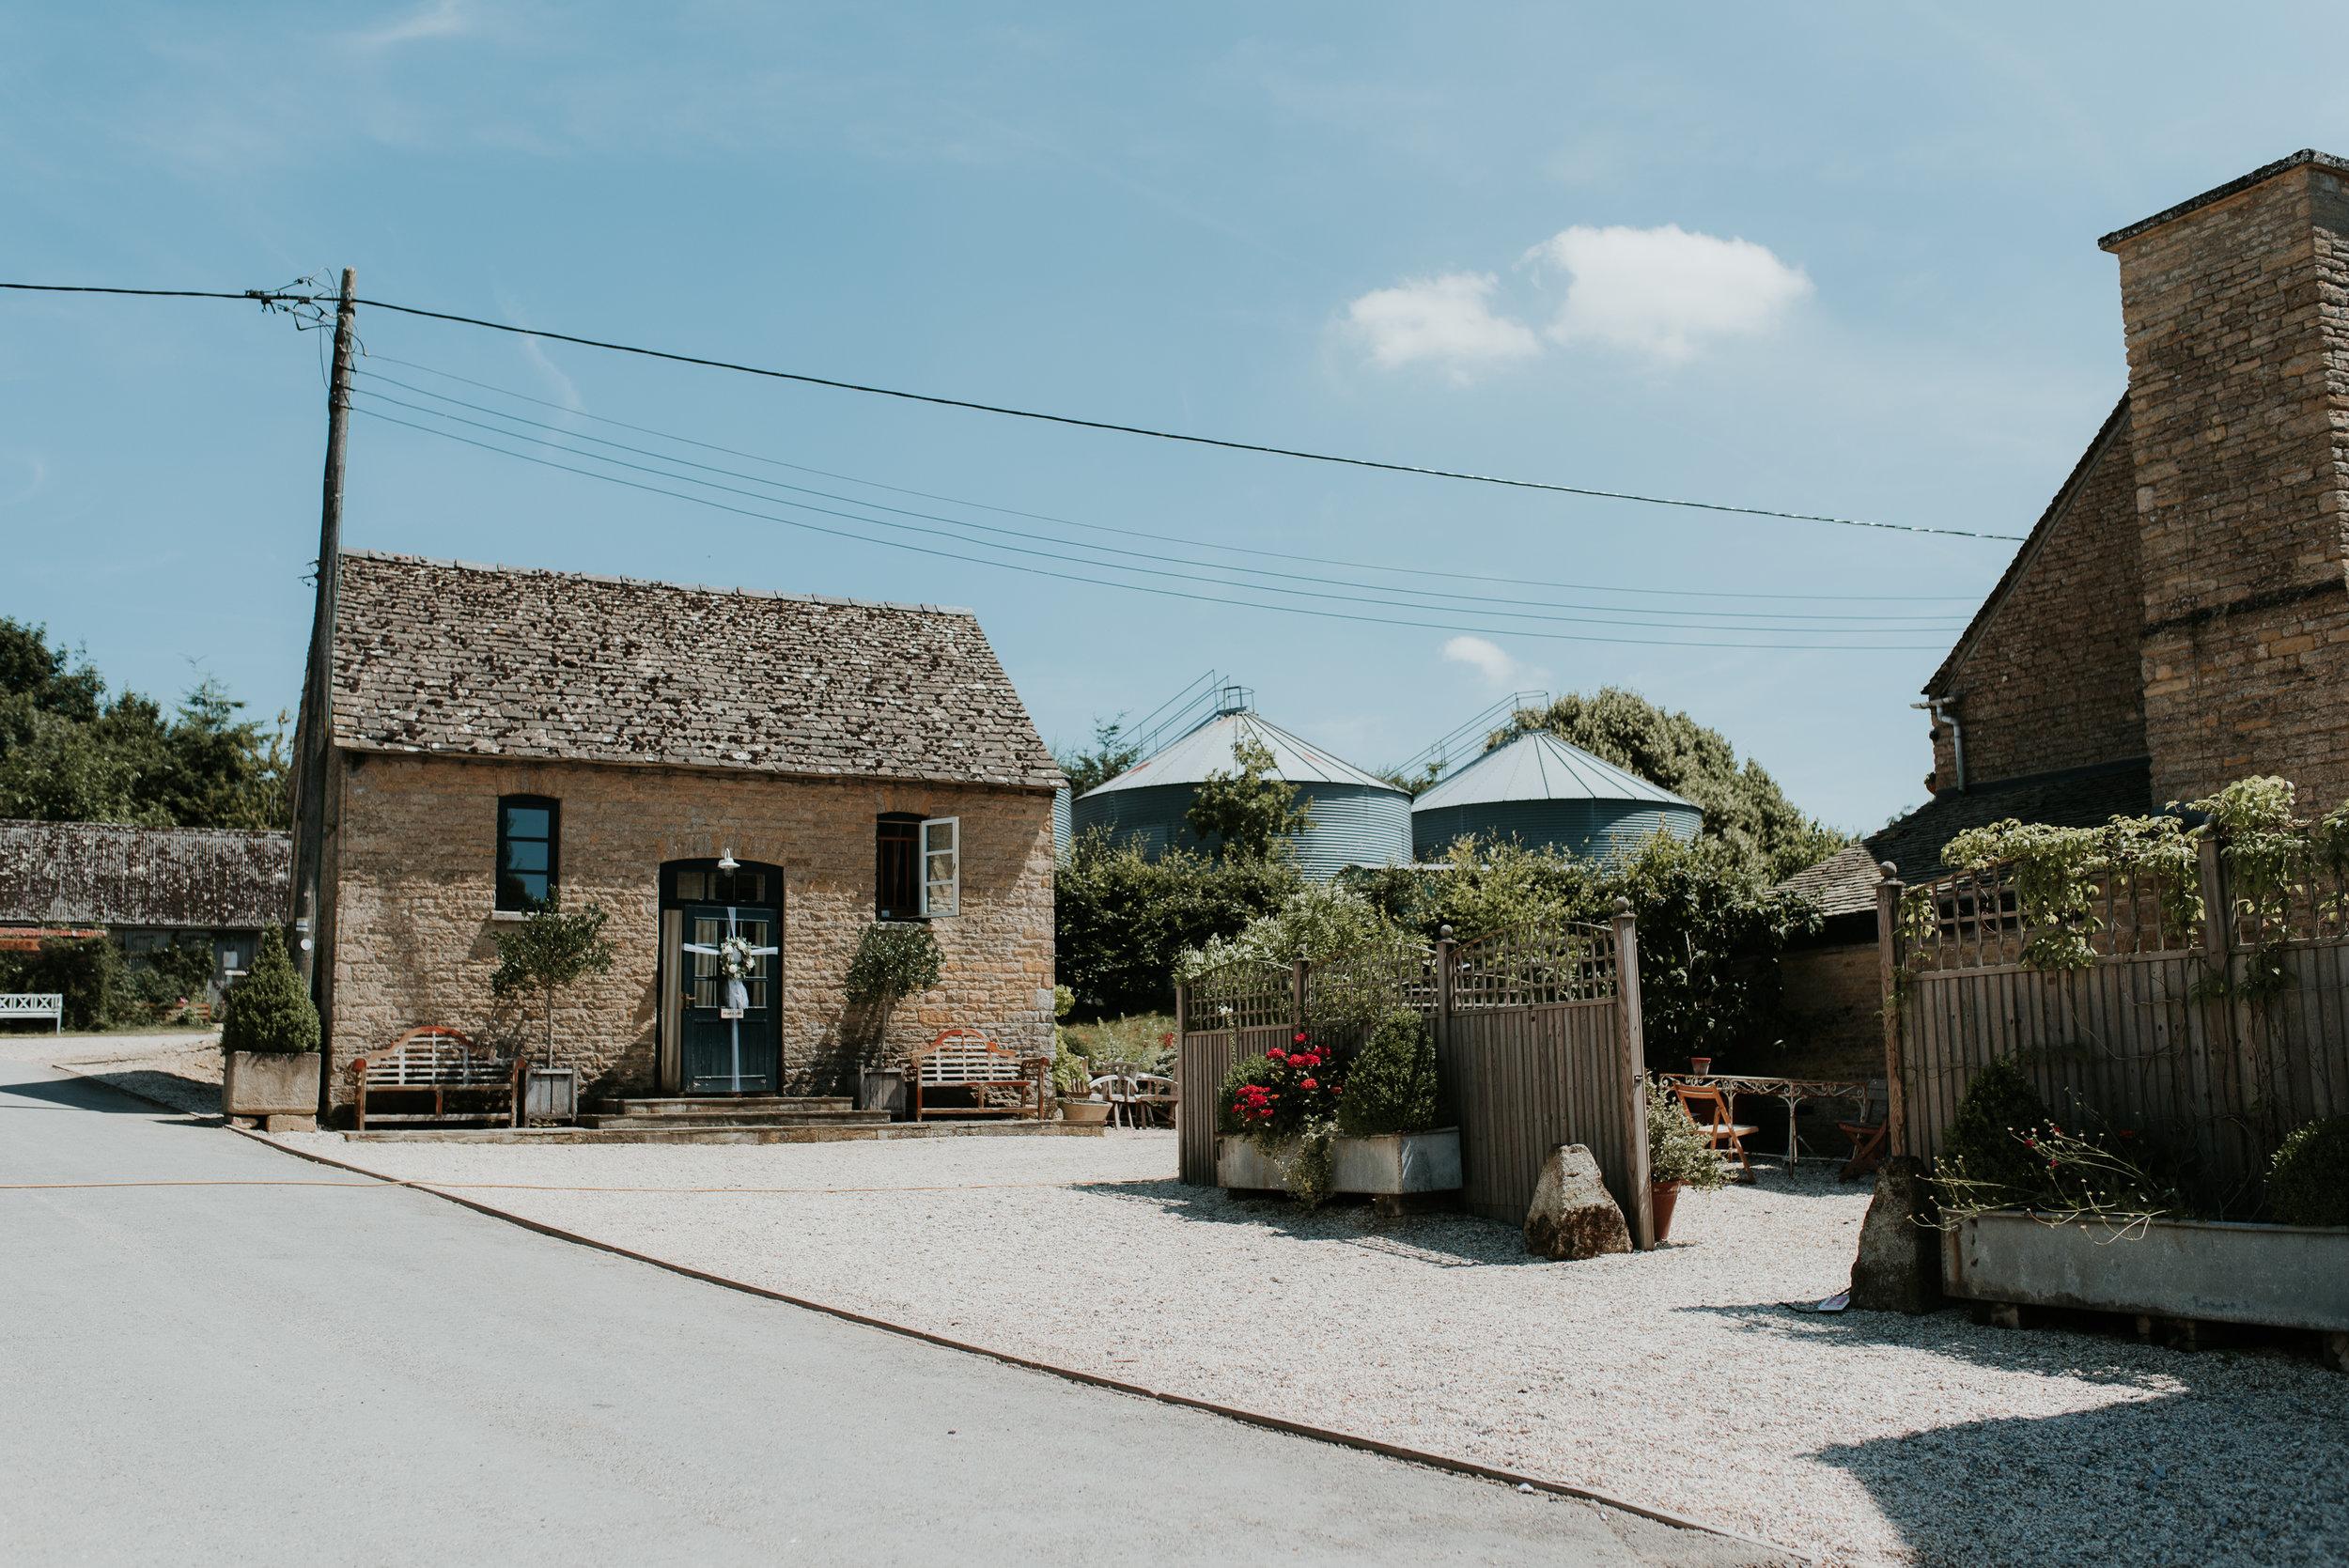 Merriscourt Pump House Oxfordshire